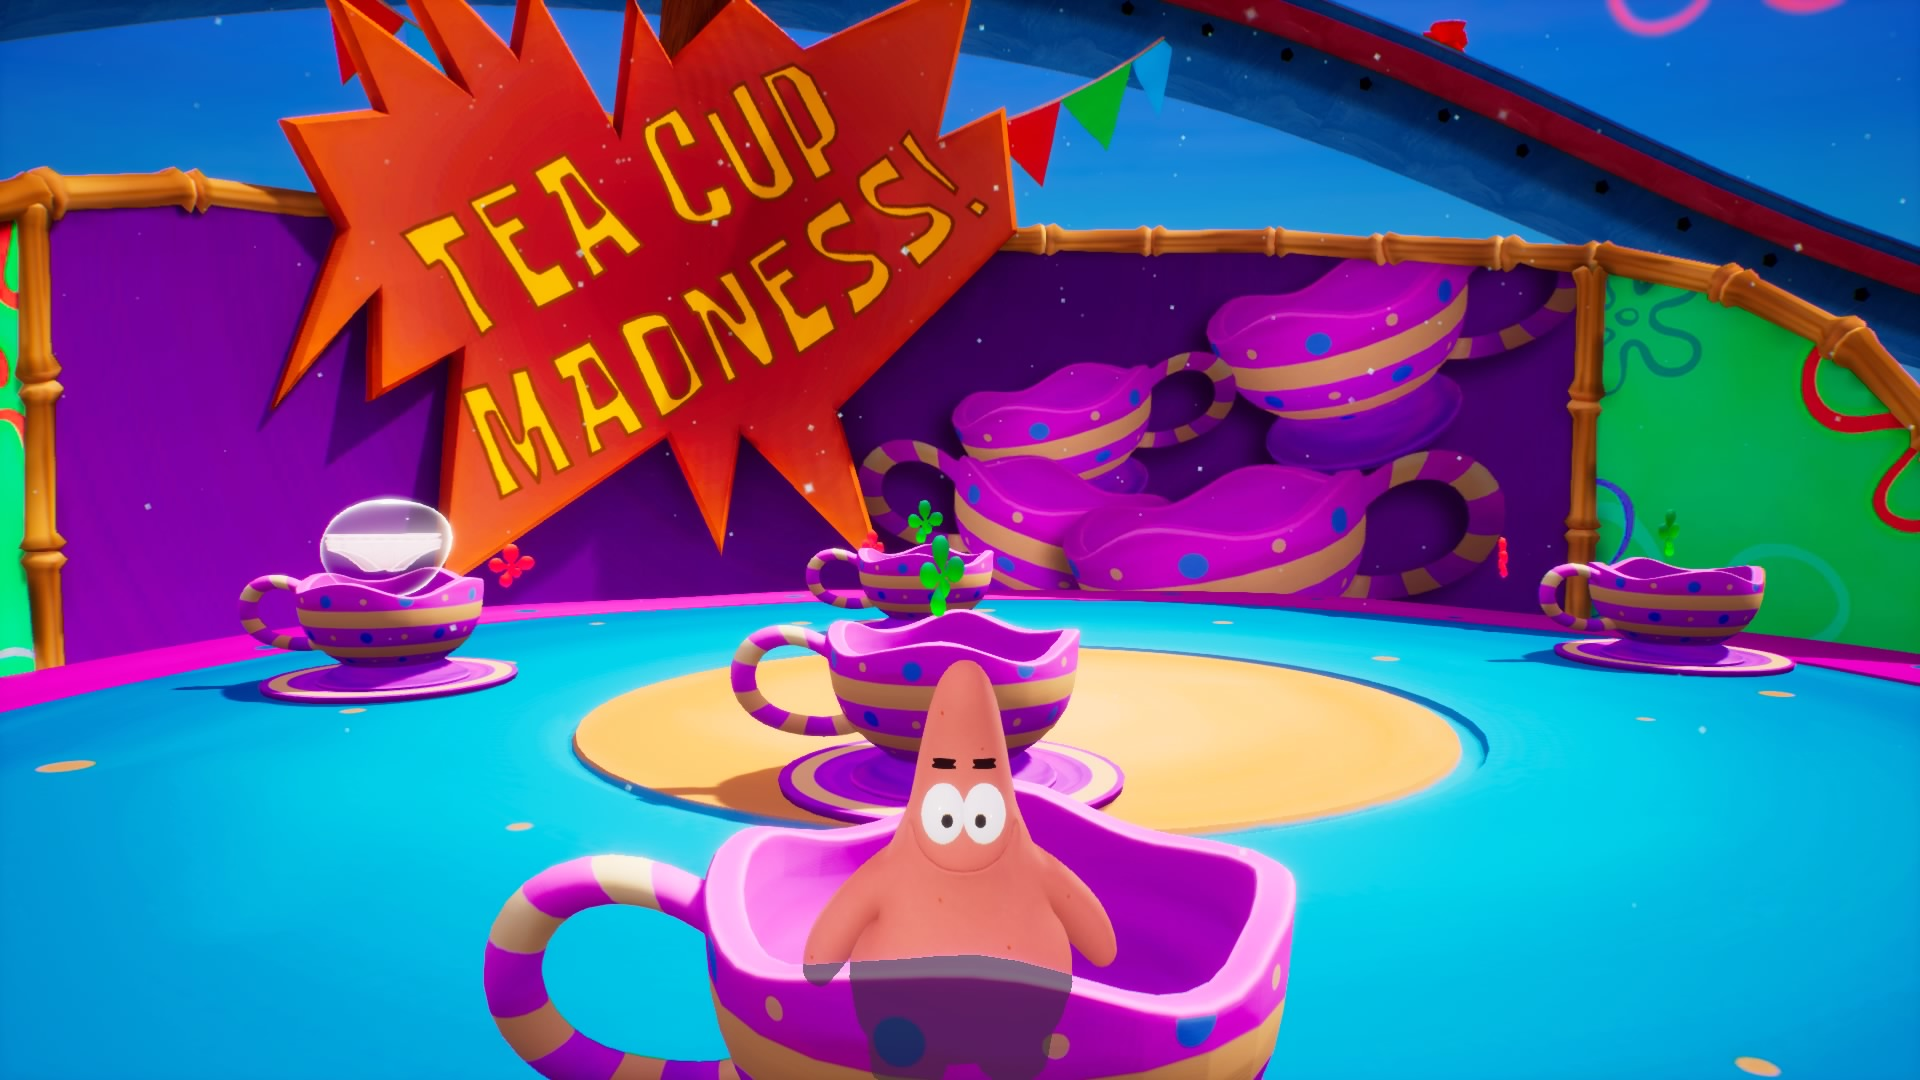 Recenzja SpongeBob SquarePants: Battle for Bikini Bottom - Rehydrated. Naprawdę udany tytuł nie tylko dla najmłodszych 18